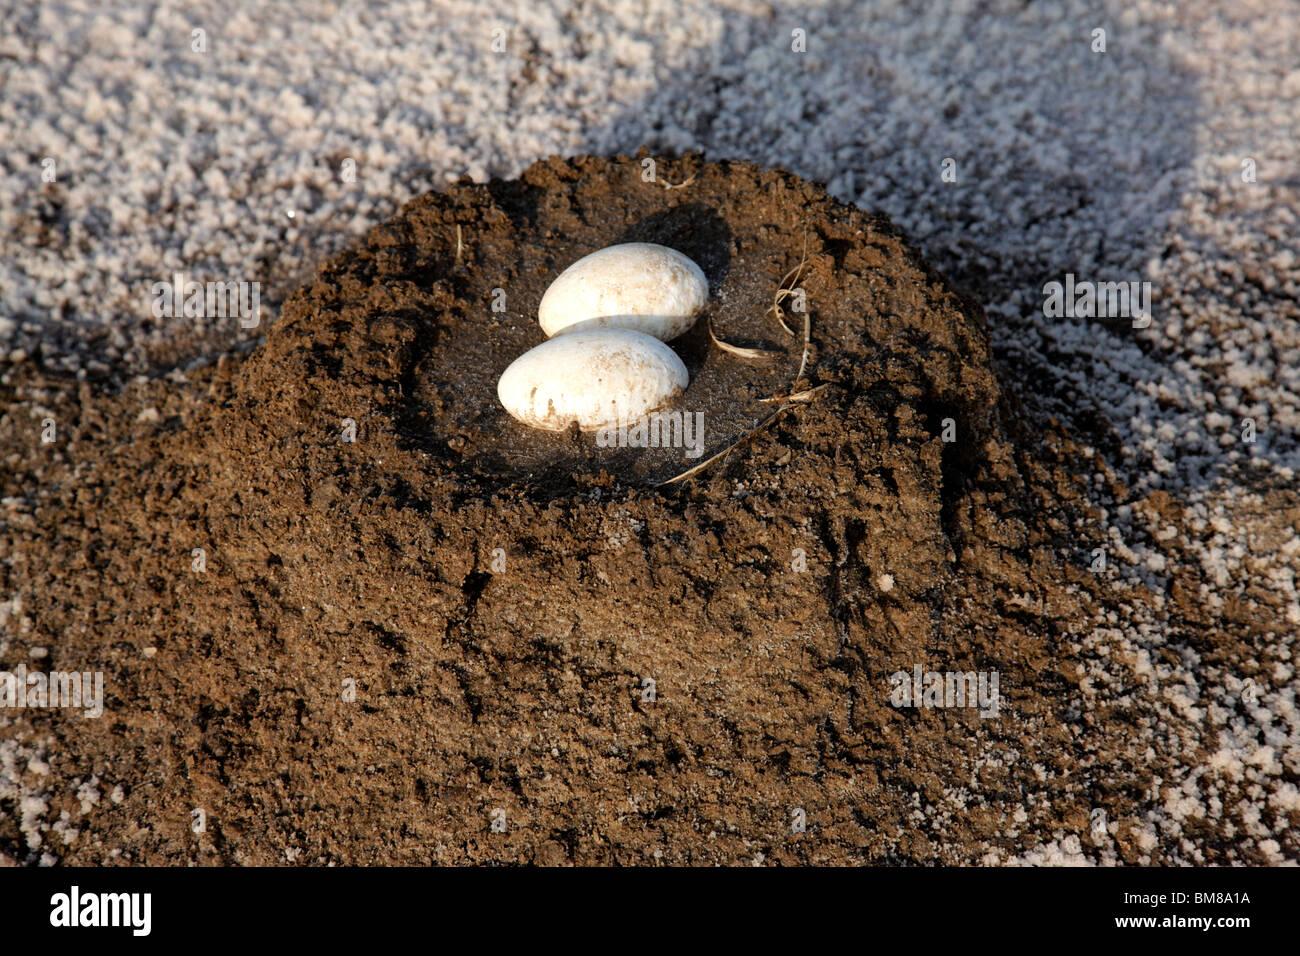 Flamingo's eggs - Stock Image